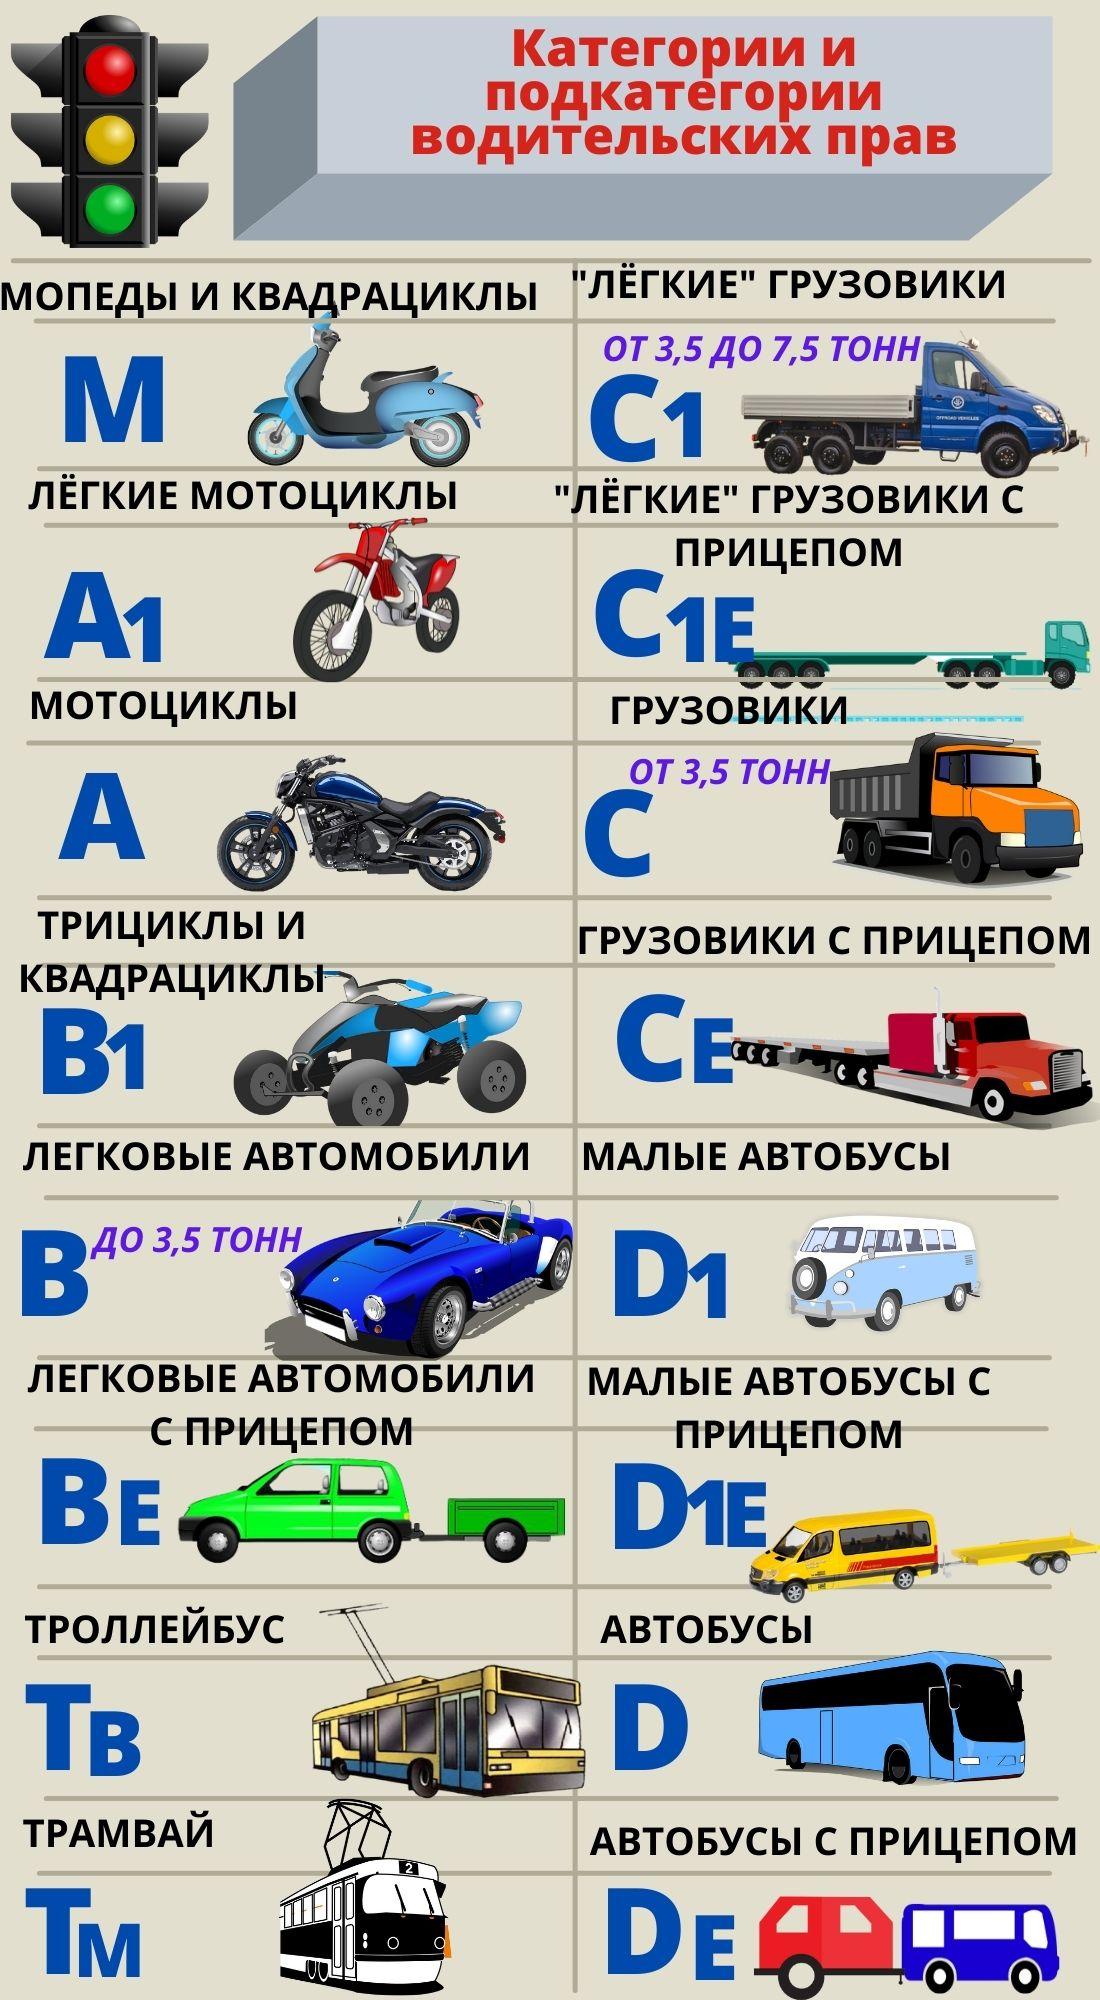 Категории водительских прав в 2021 году в таблице